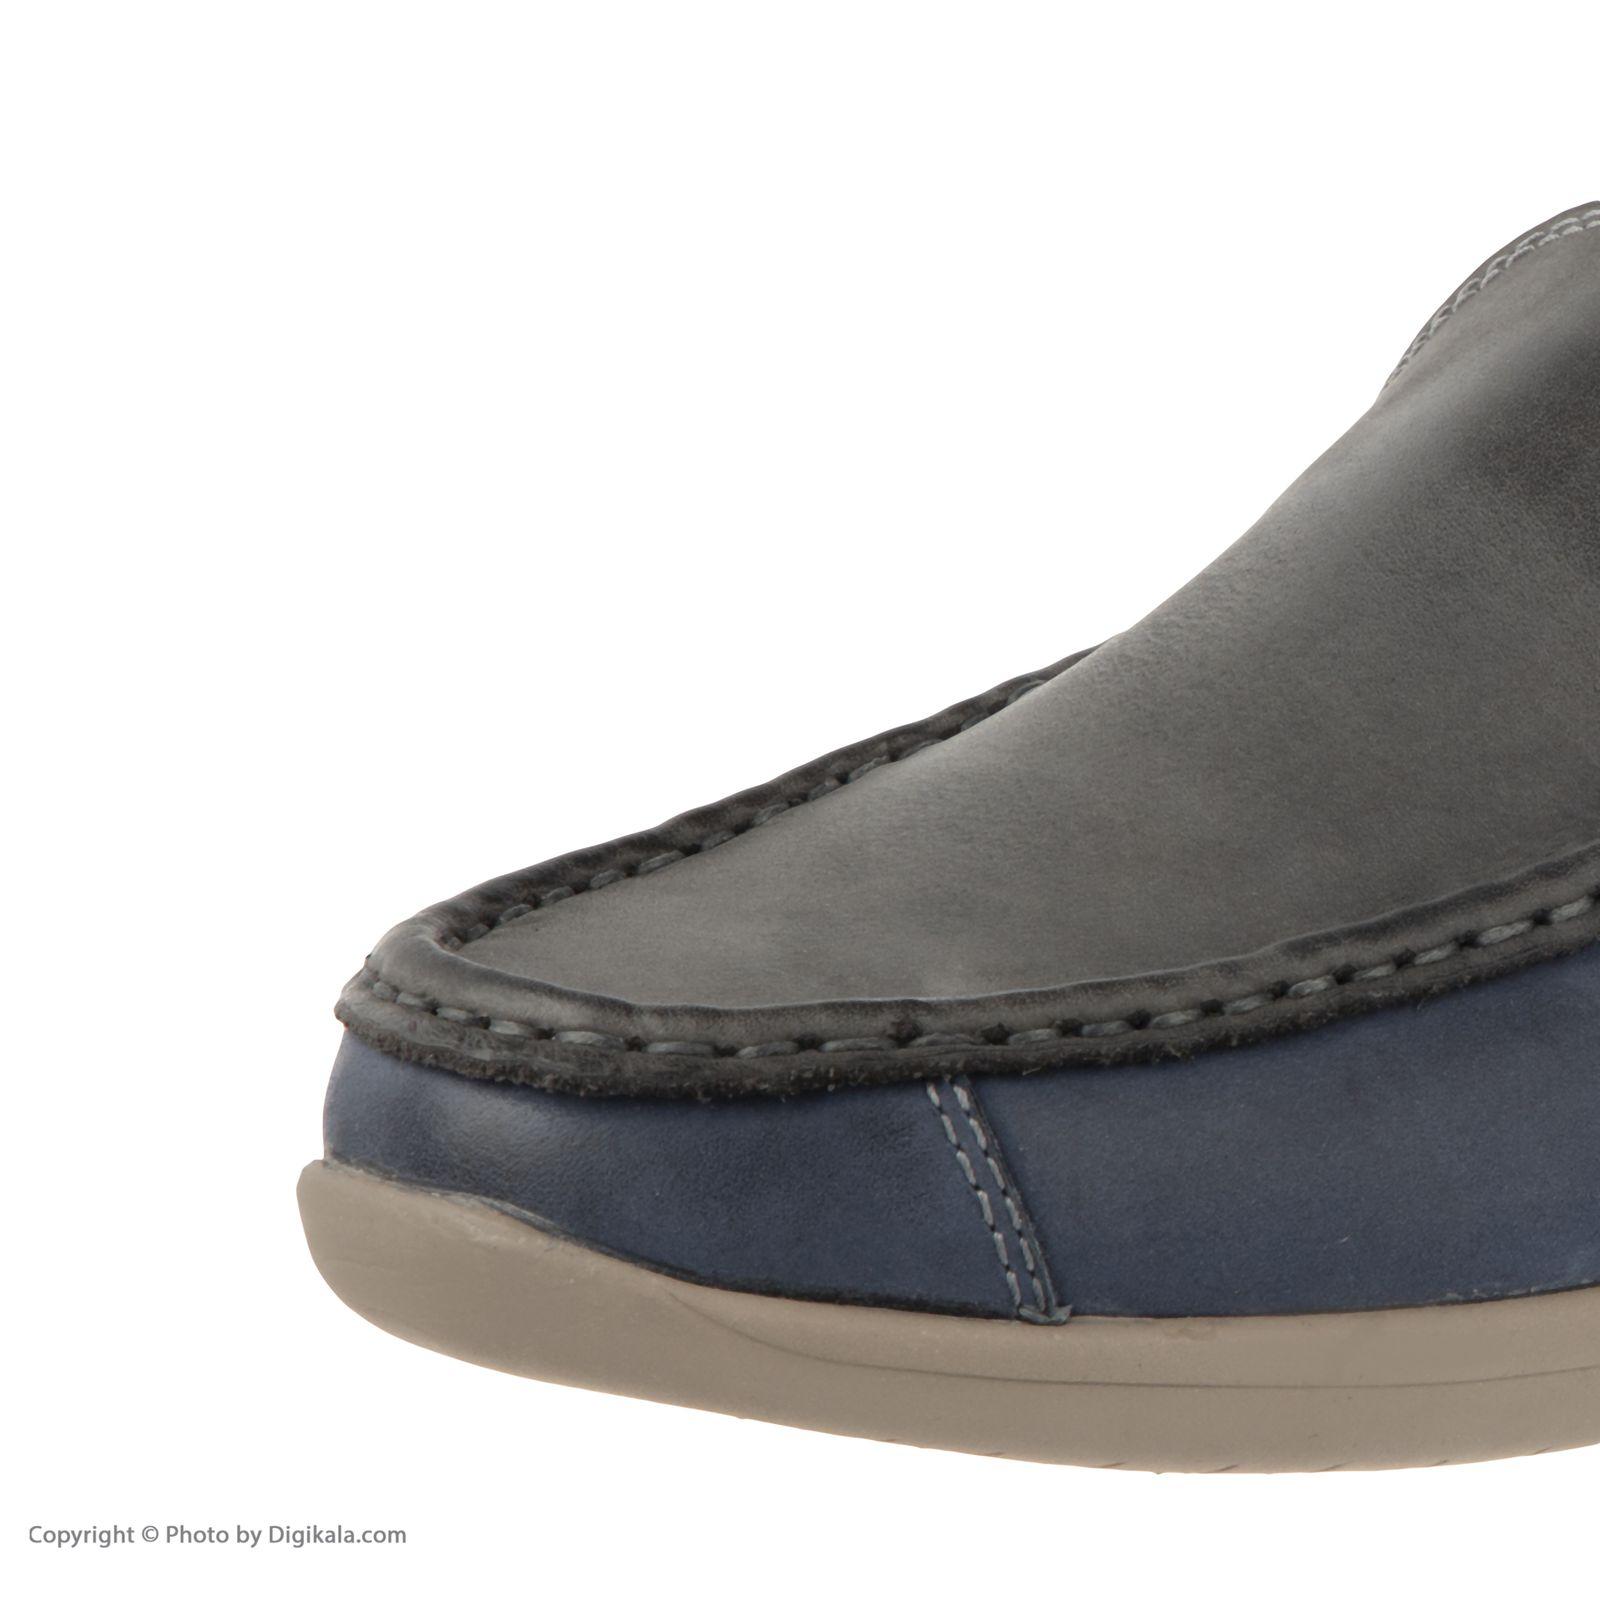 کفش روزمره مردانه سوته مدل 5059A503103 -  - 6